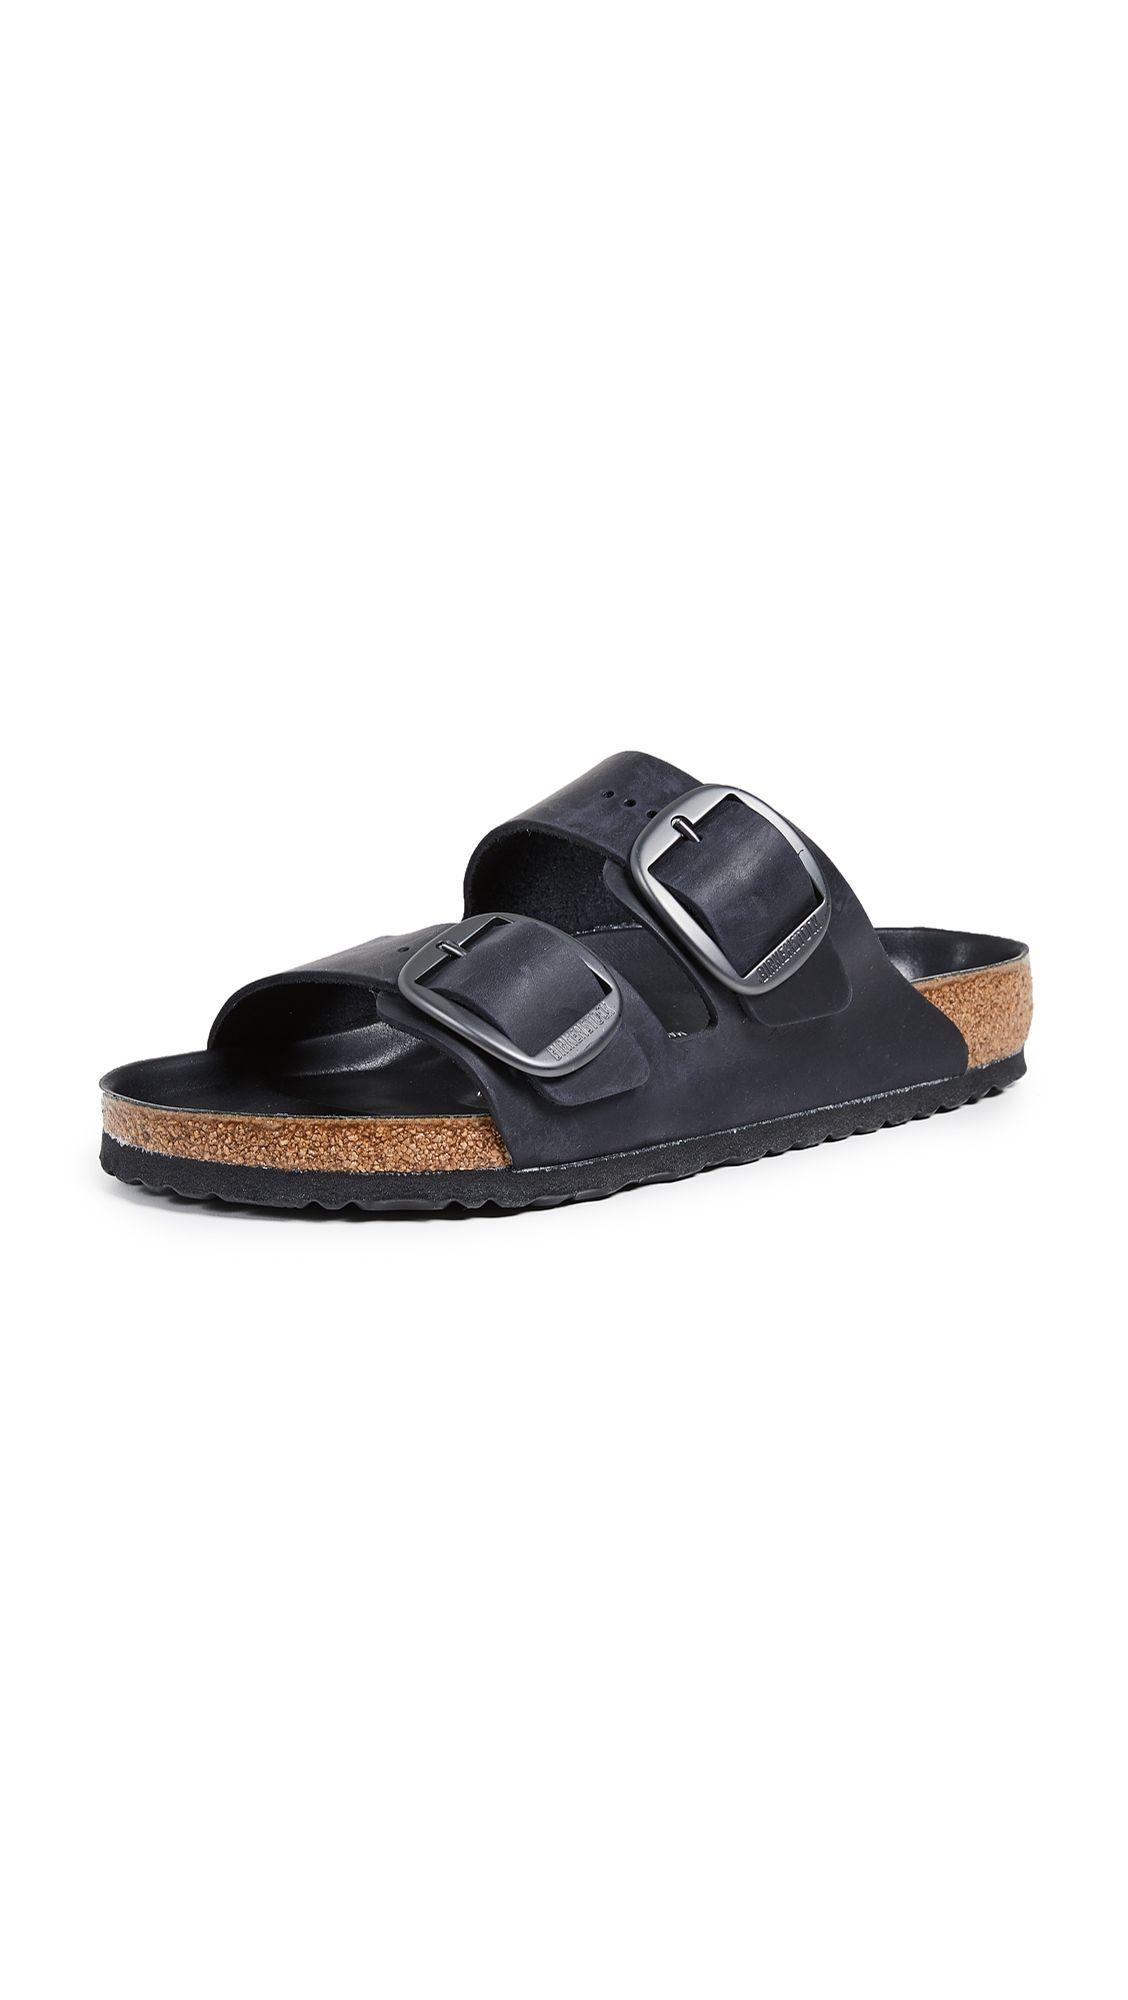 BIRKENSTOCK ARIZONA BIG BUCKLE SANDALS. #birkenstock #shoes